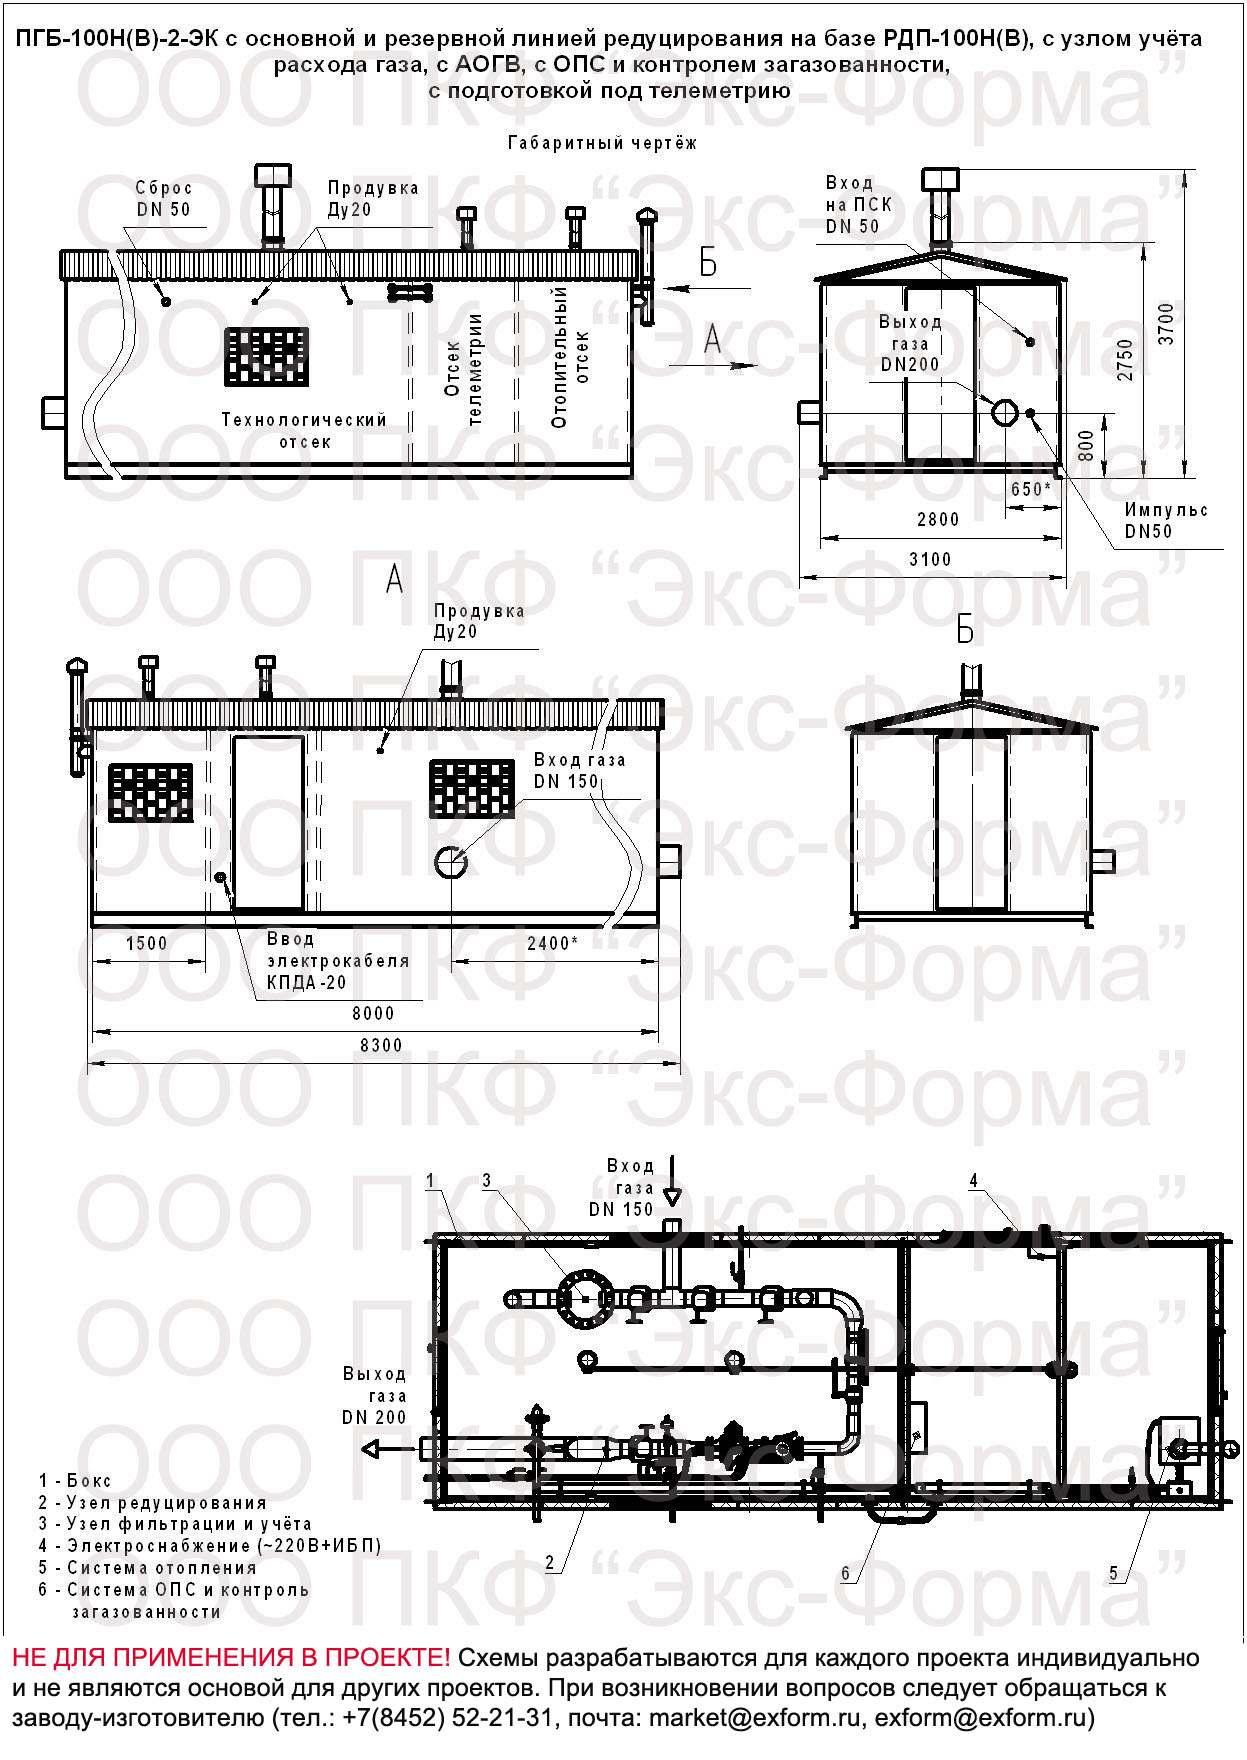 ПГБ-100Н-2, ПГБ-100В-2 цена с РДП-100Н(В)